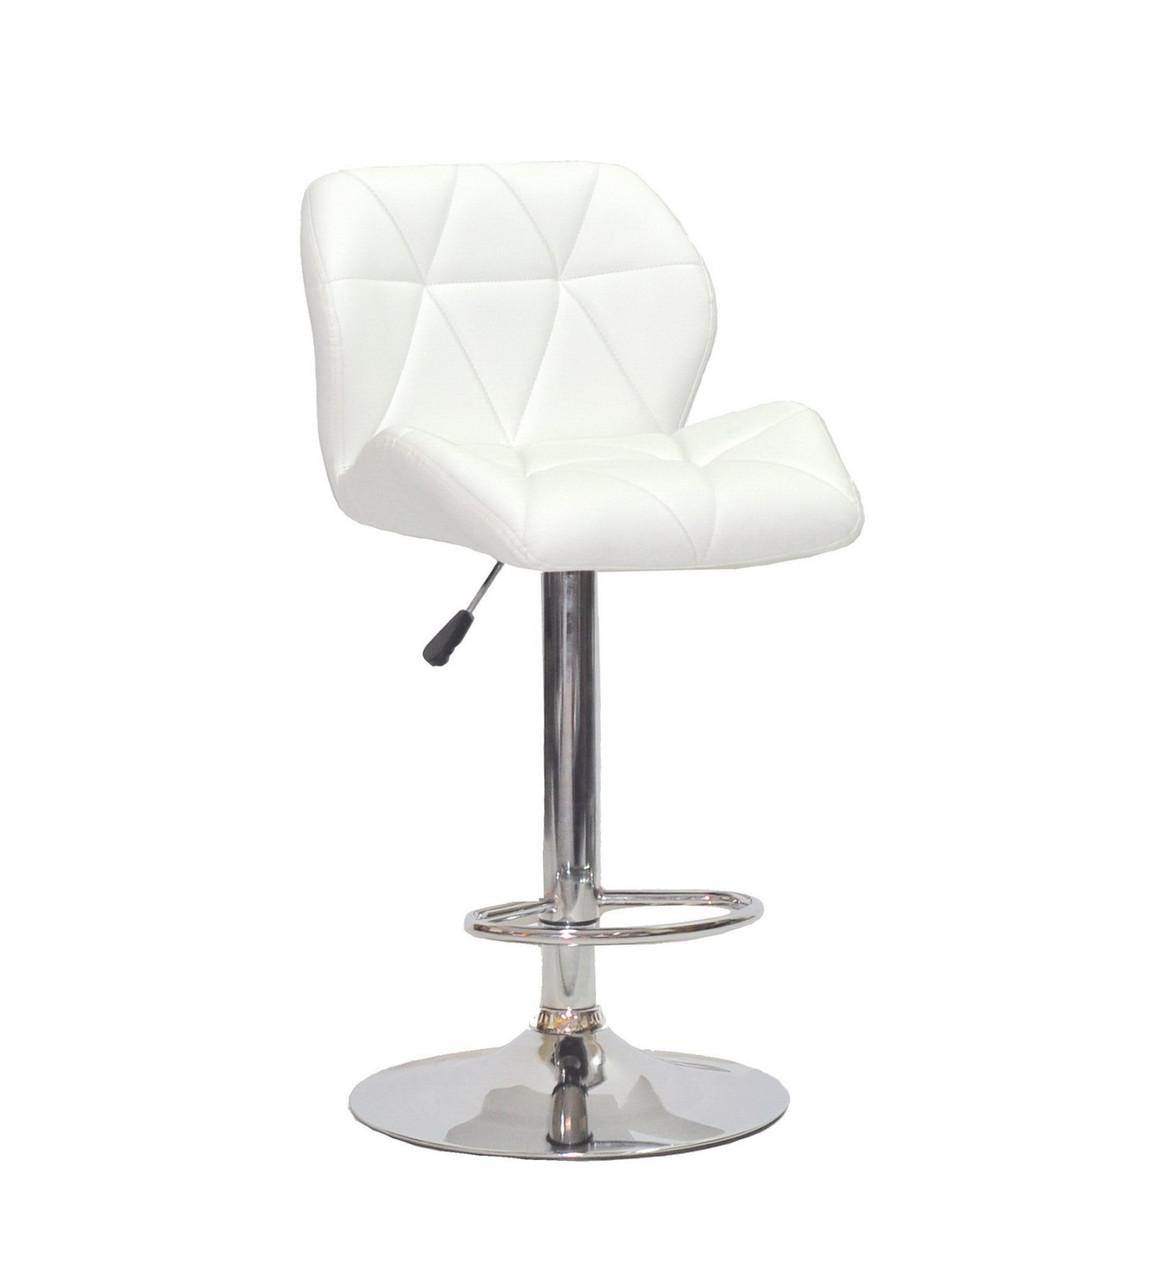 Барный стул SET Сэт белая экокожа, стул визажиста